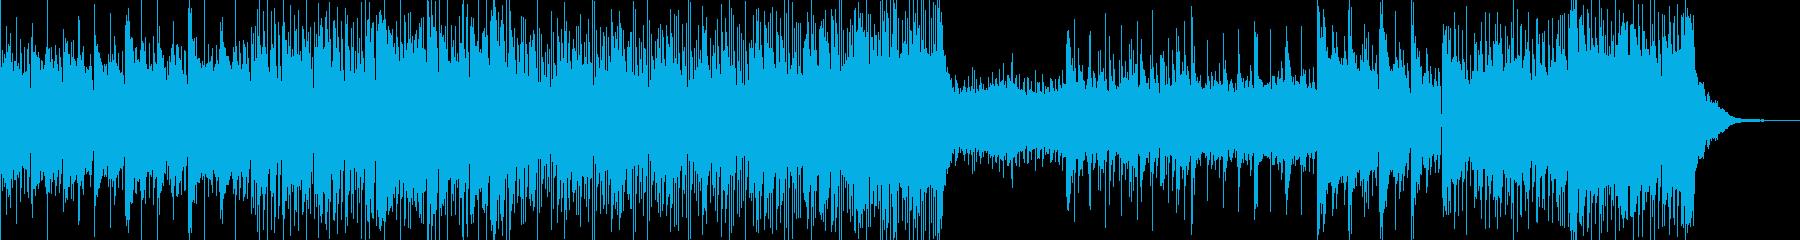 静かでゆらゆらするシンセとピアノの再生済みの波形